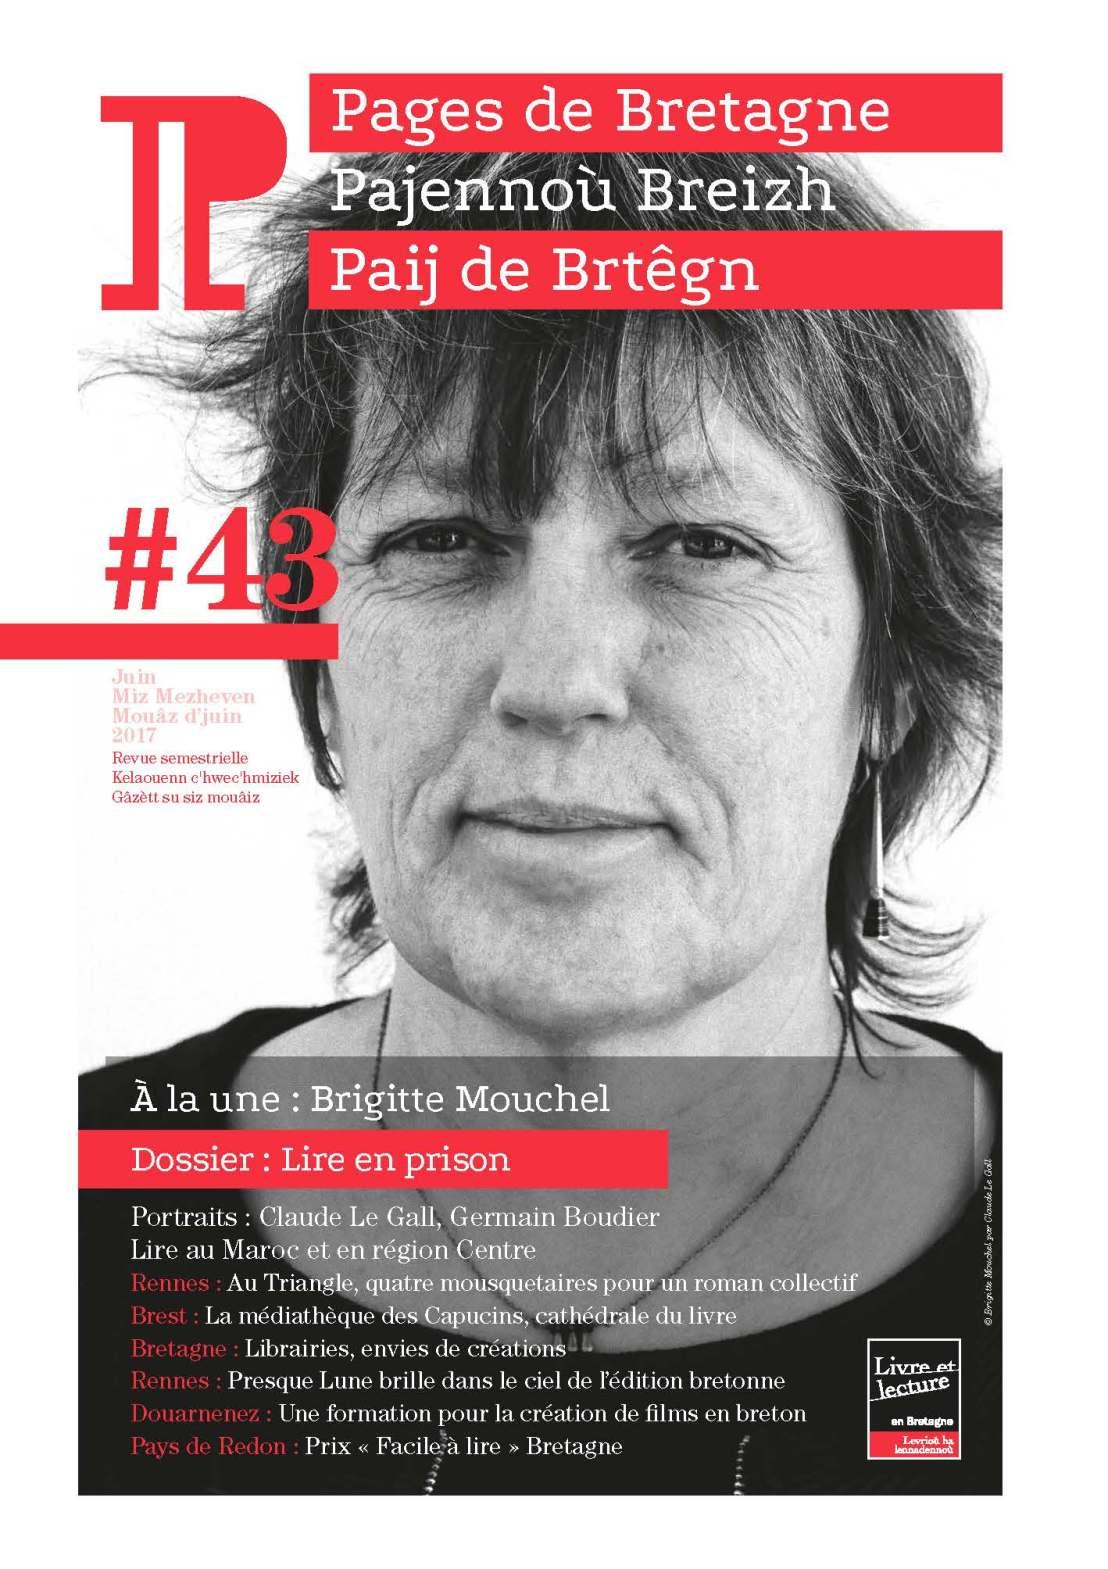 Pages de Bretagne revient sur les espaces «Facile à lire» des prisonsbretonnes